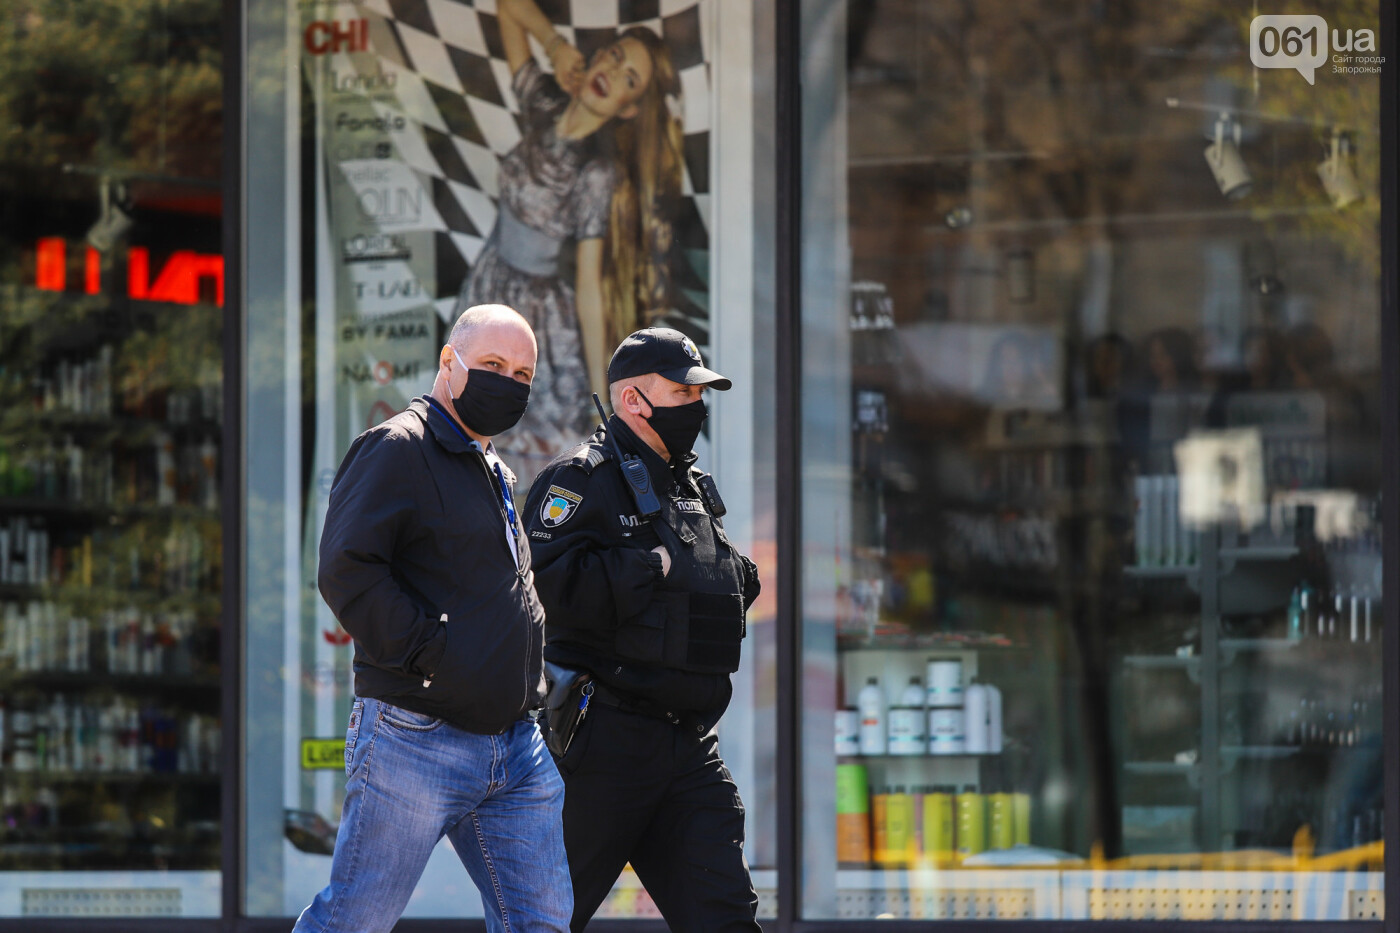 Вход только в масках: как выглядит Запорожье на карантине, - ФОТОРЕПОРТАЖ, фото-4